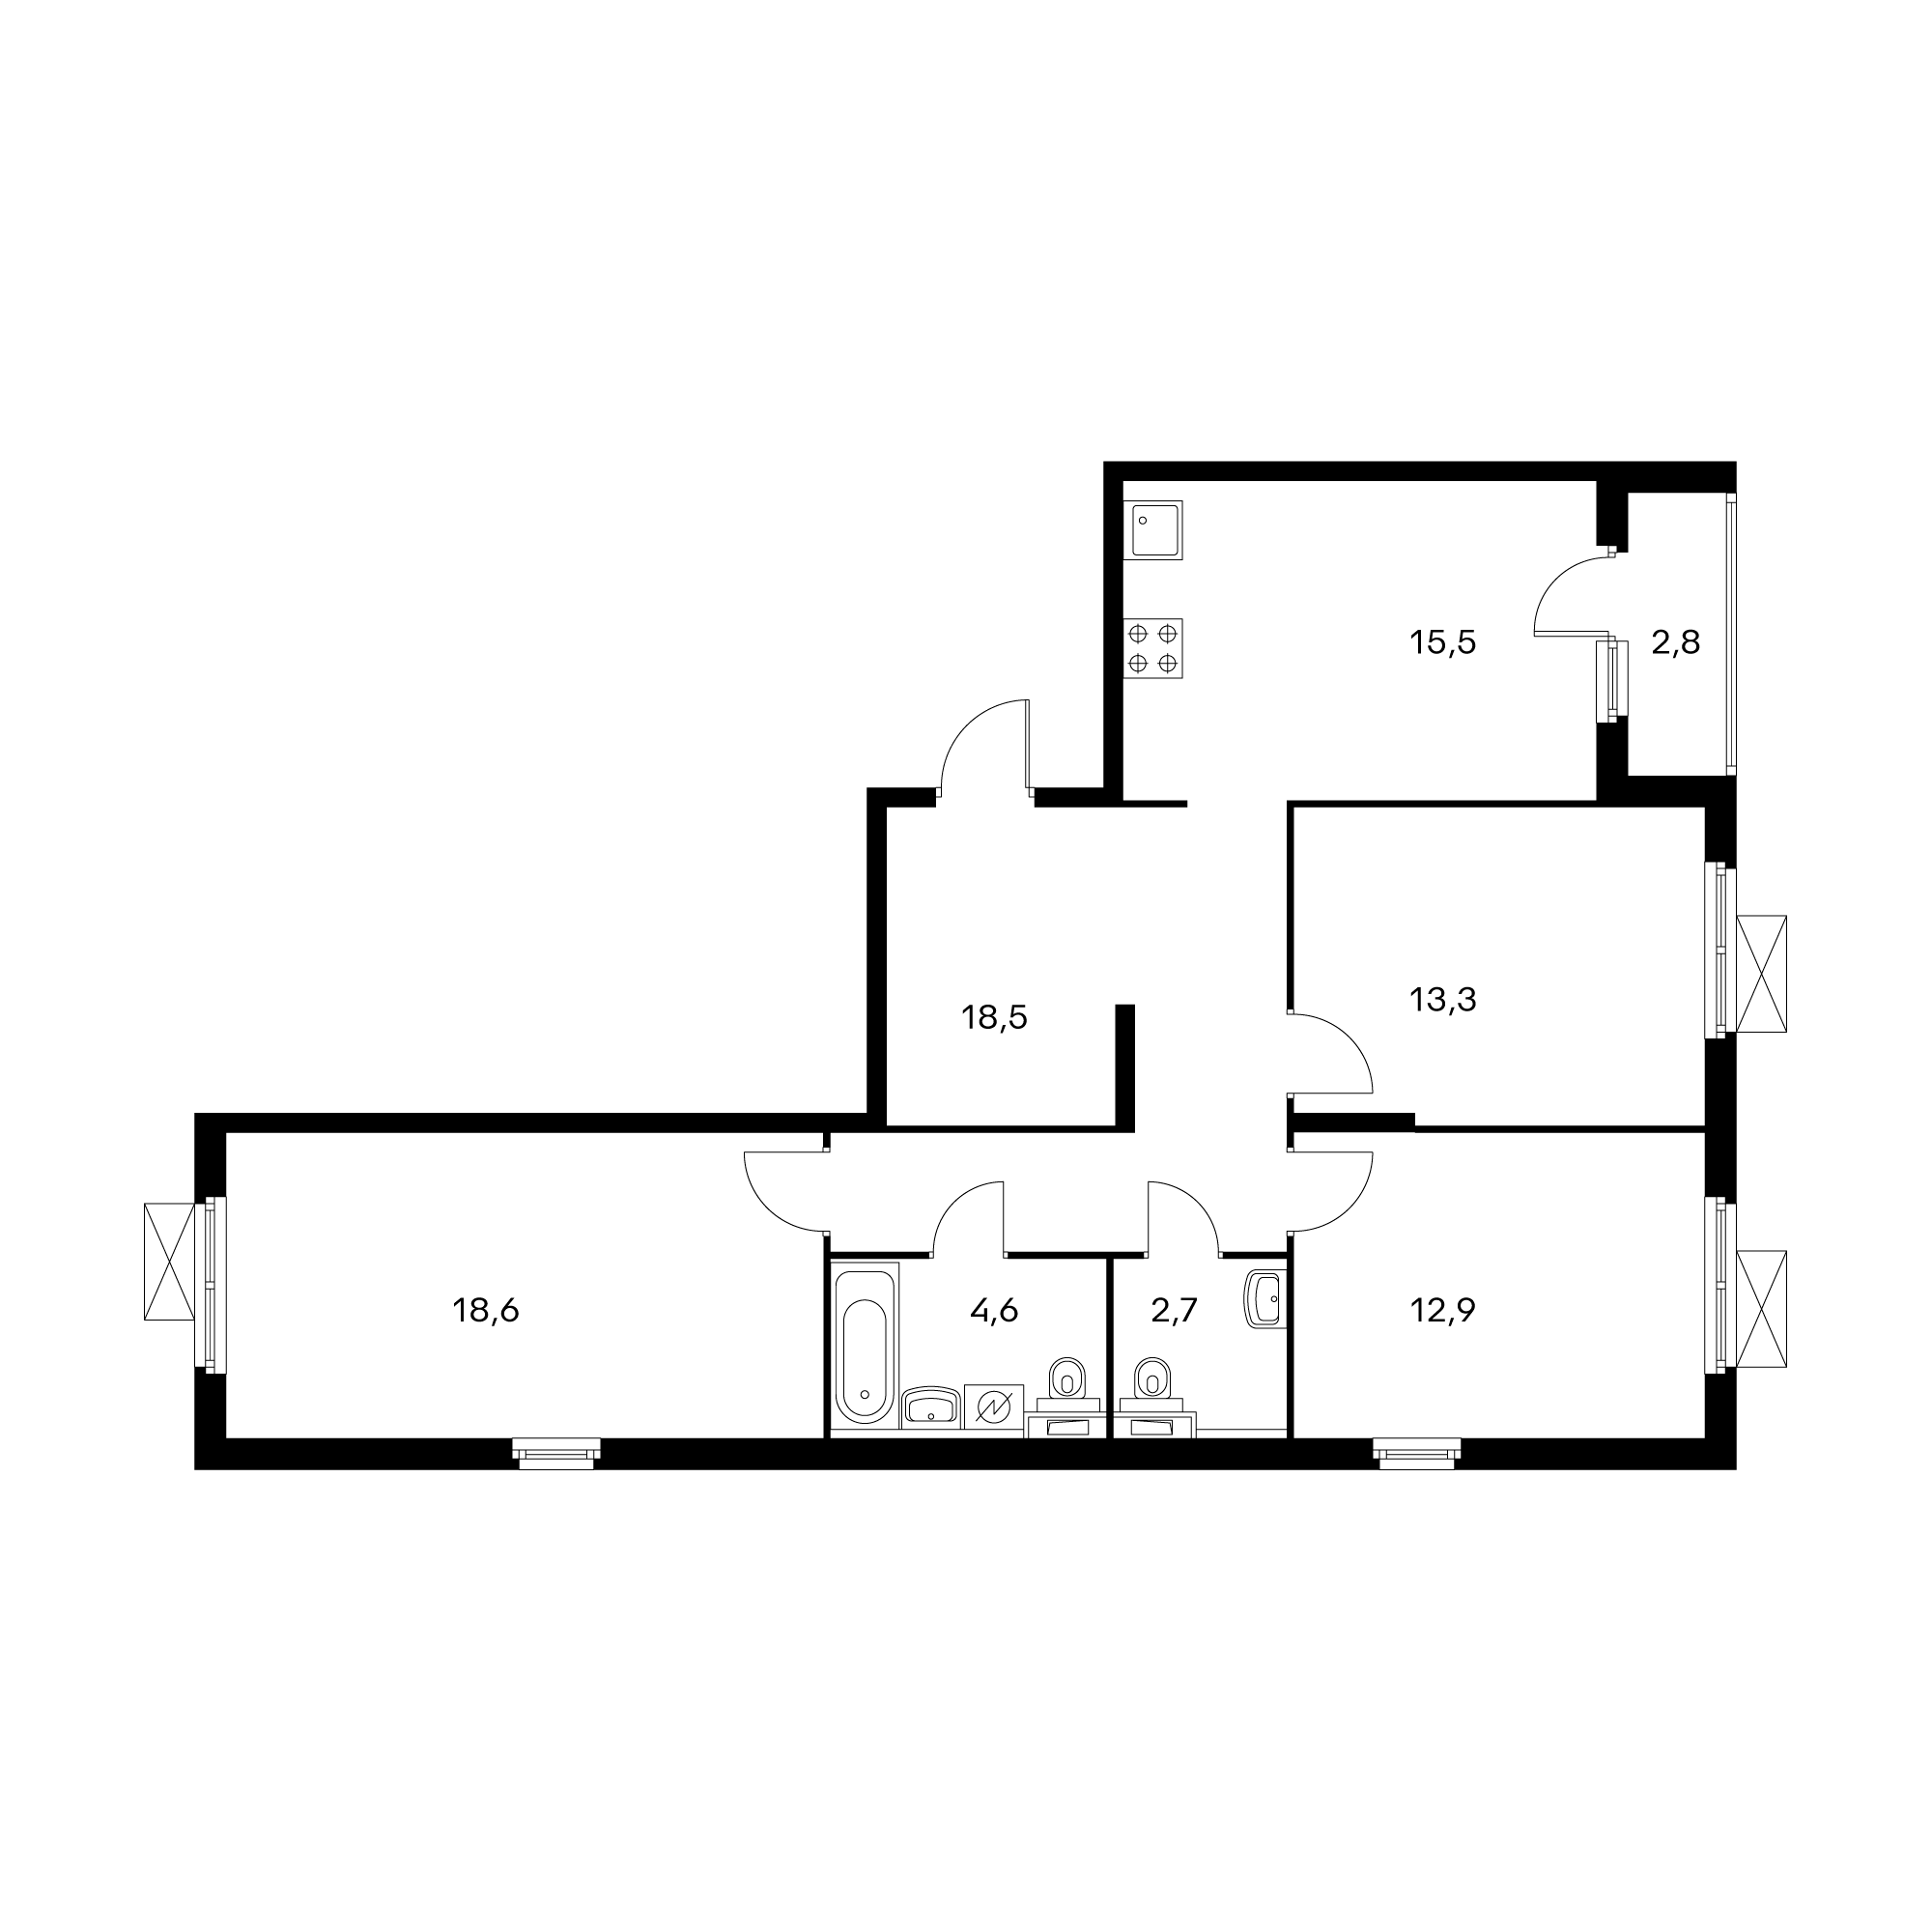 3EL3_9.9-1_T_ZL